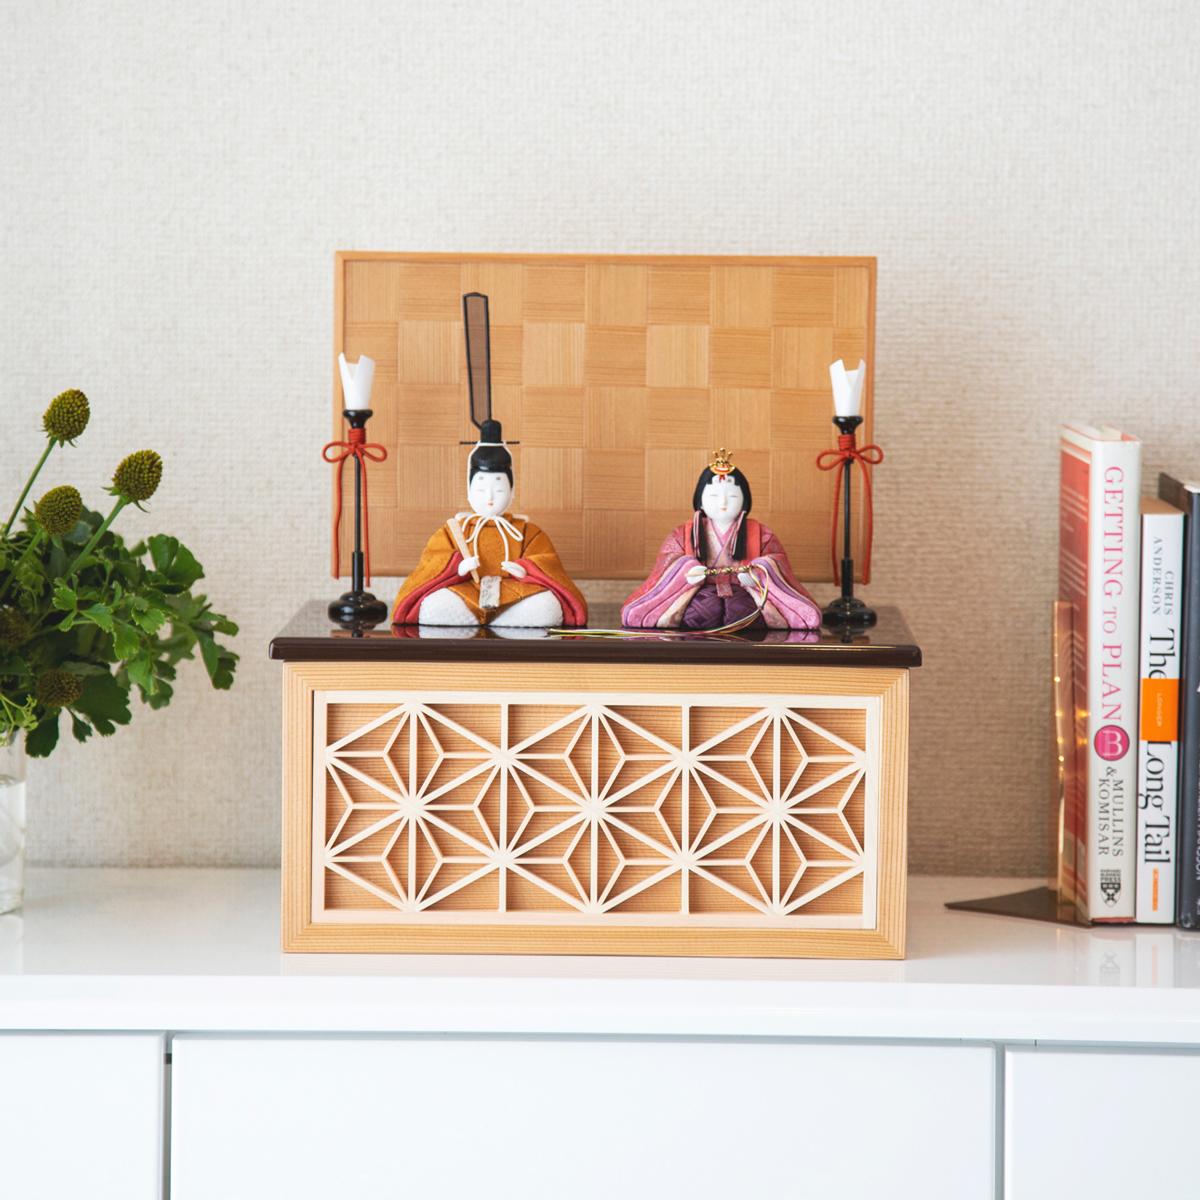 『毎年の幸せ』が御嬢様と家族に訪れる|*購入特典付*《鹿沼組子 - 四角形(小)》7つの日本伝統工芸をコンパクトにした、木目込みプレミアム雛人形 | 宝想雛